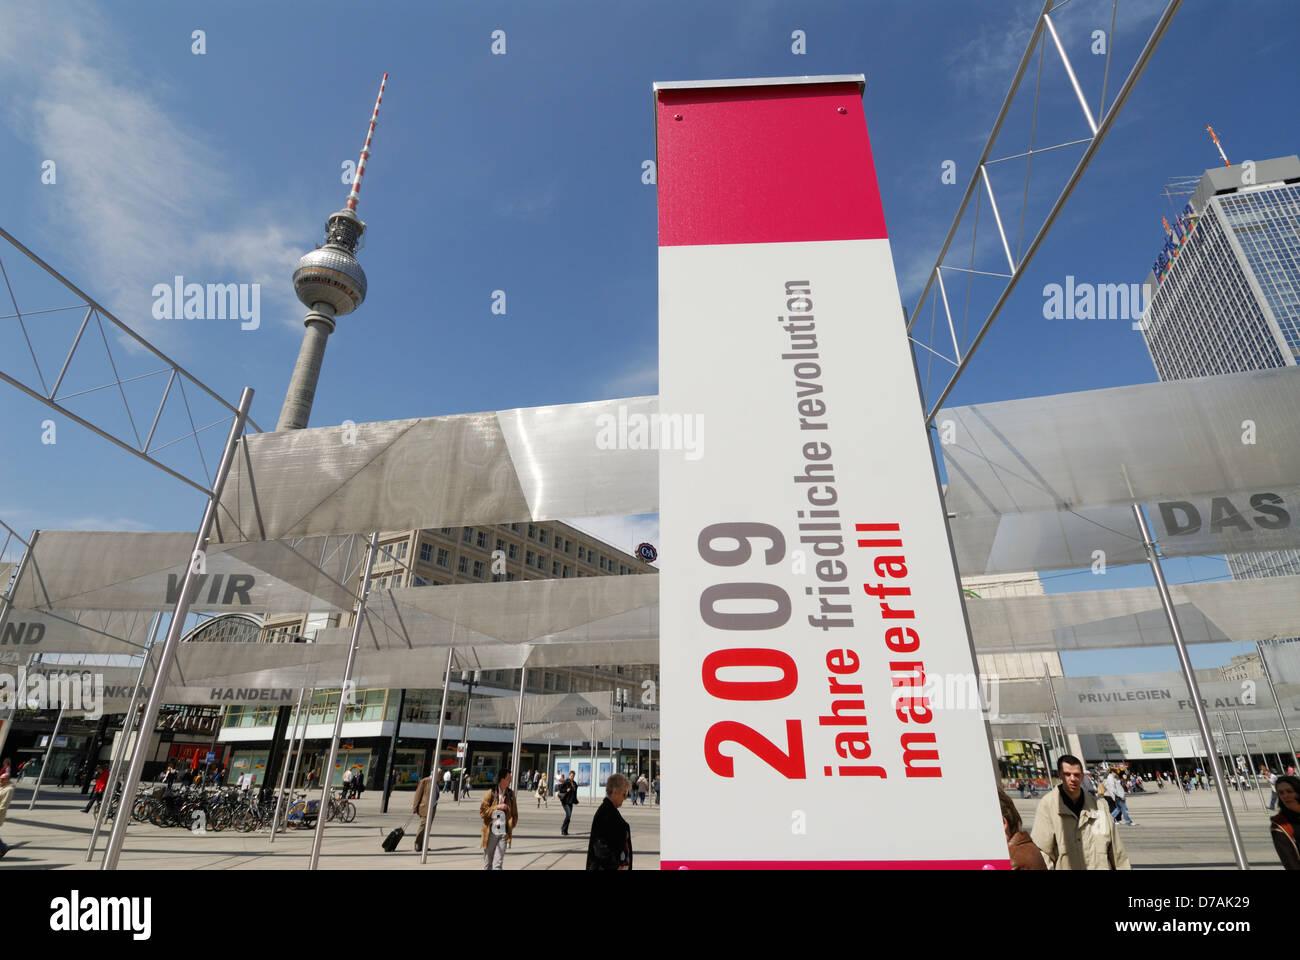 Mostra su Alexanderplatz commemorando venti anni dalla caduta del muro di Berlino, Berlino Germania. Immagini Stock